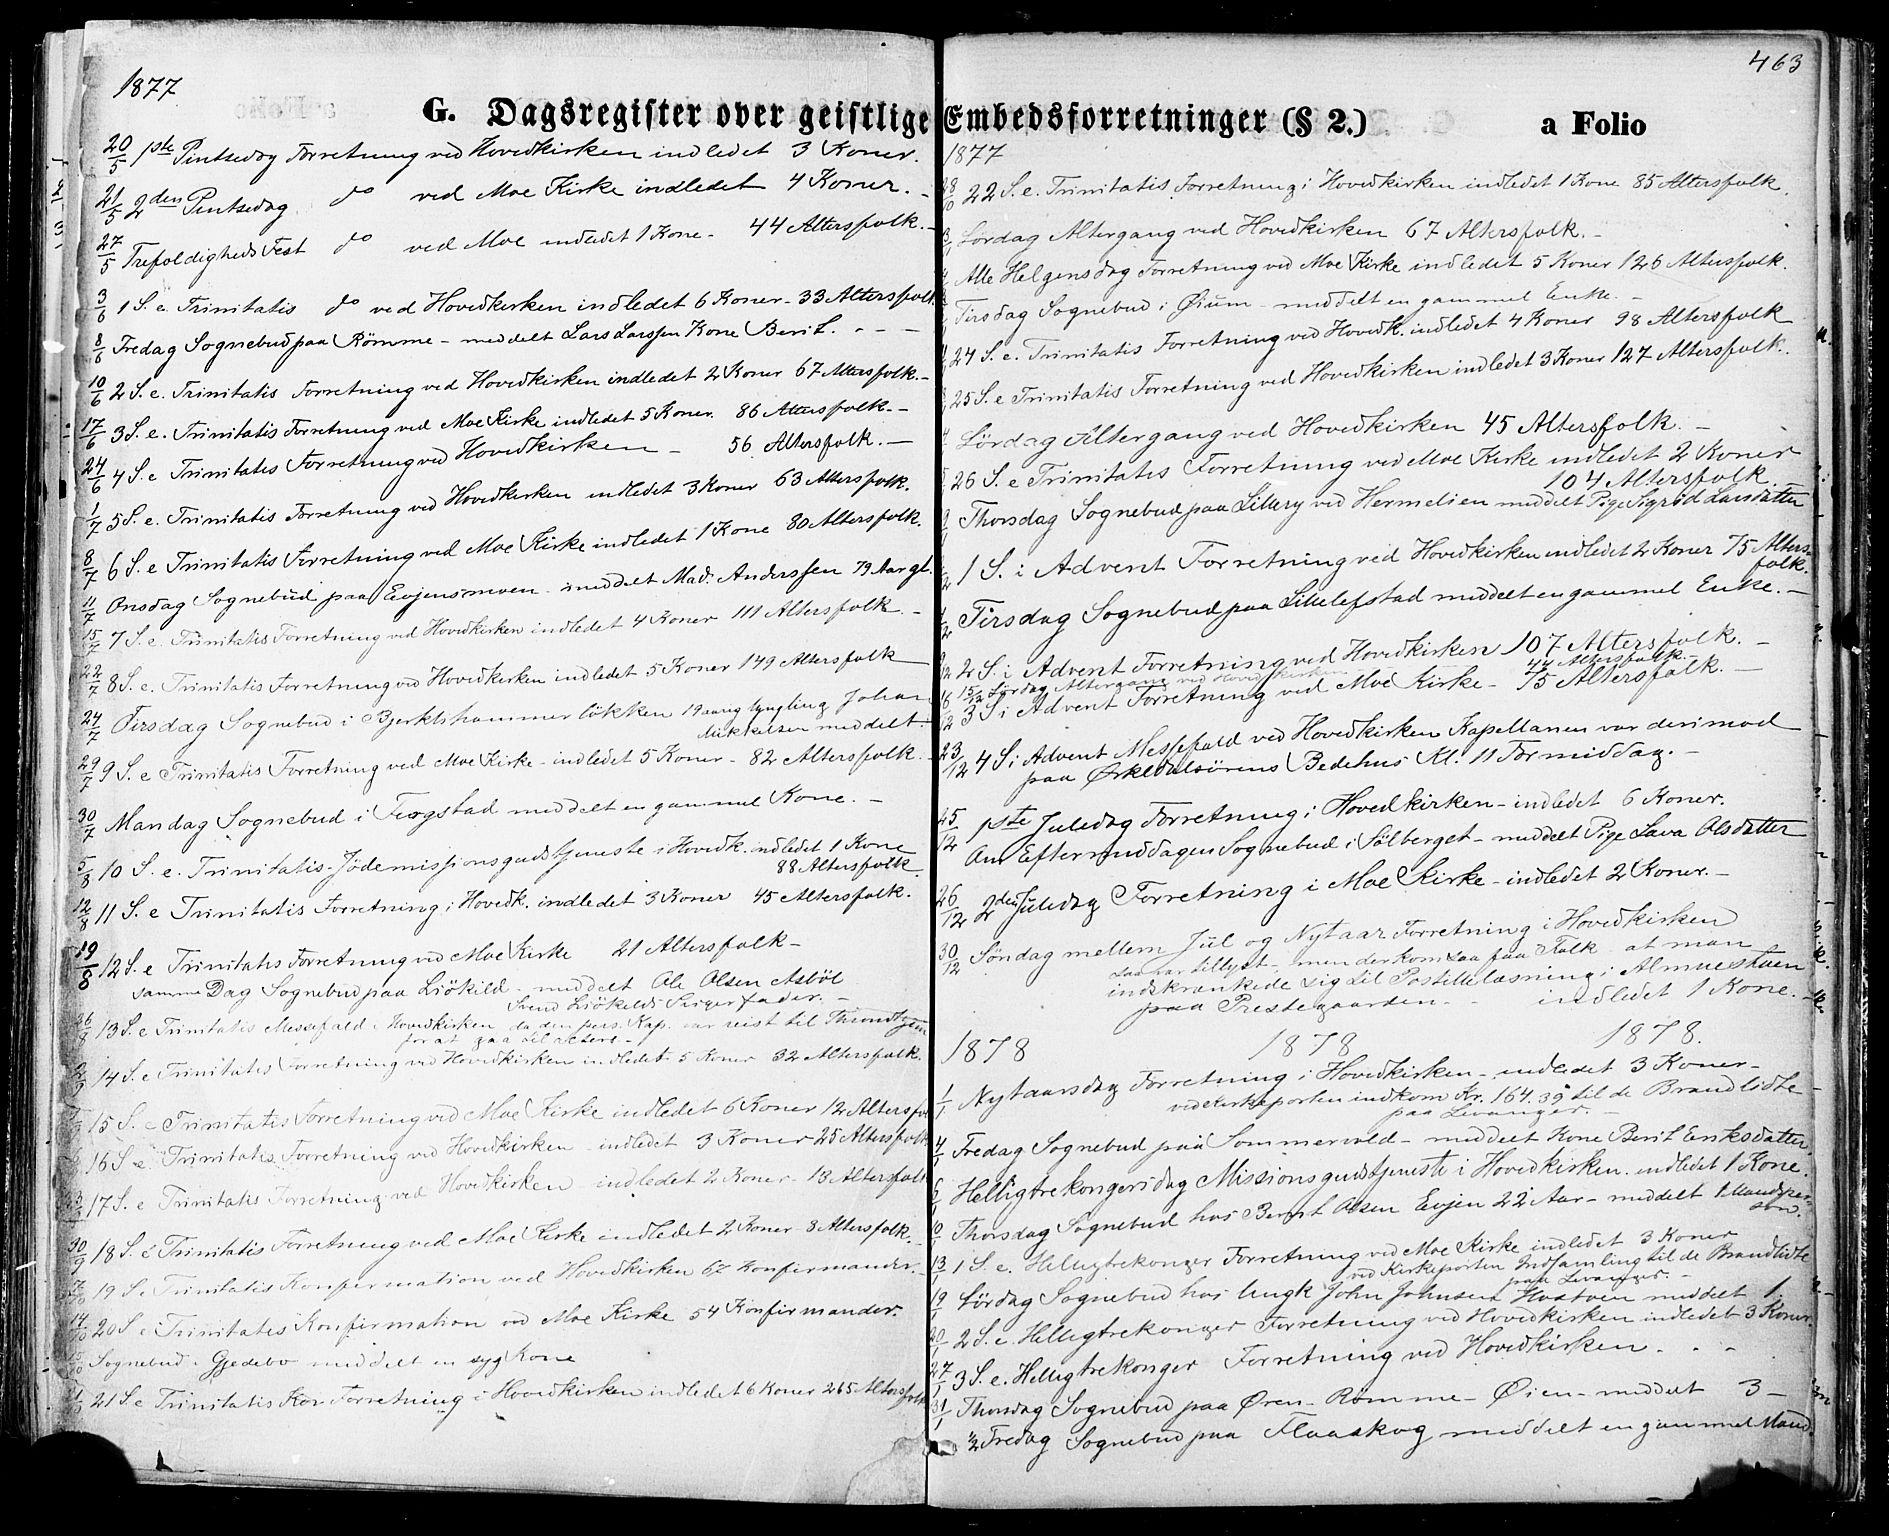 SAT, Ministerialprotokoller, klokkerbøker og fødselsregistre - Sør-Trøndelag, 668/L0807: Ministerialbok nr. 668A07, 1870-1880, s. 463